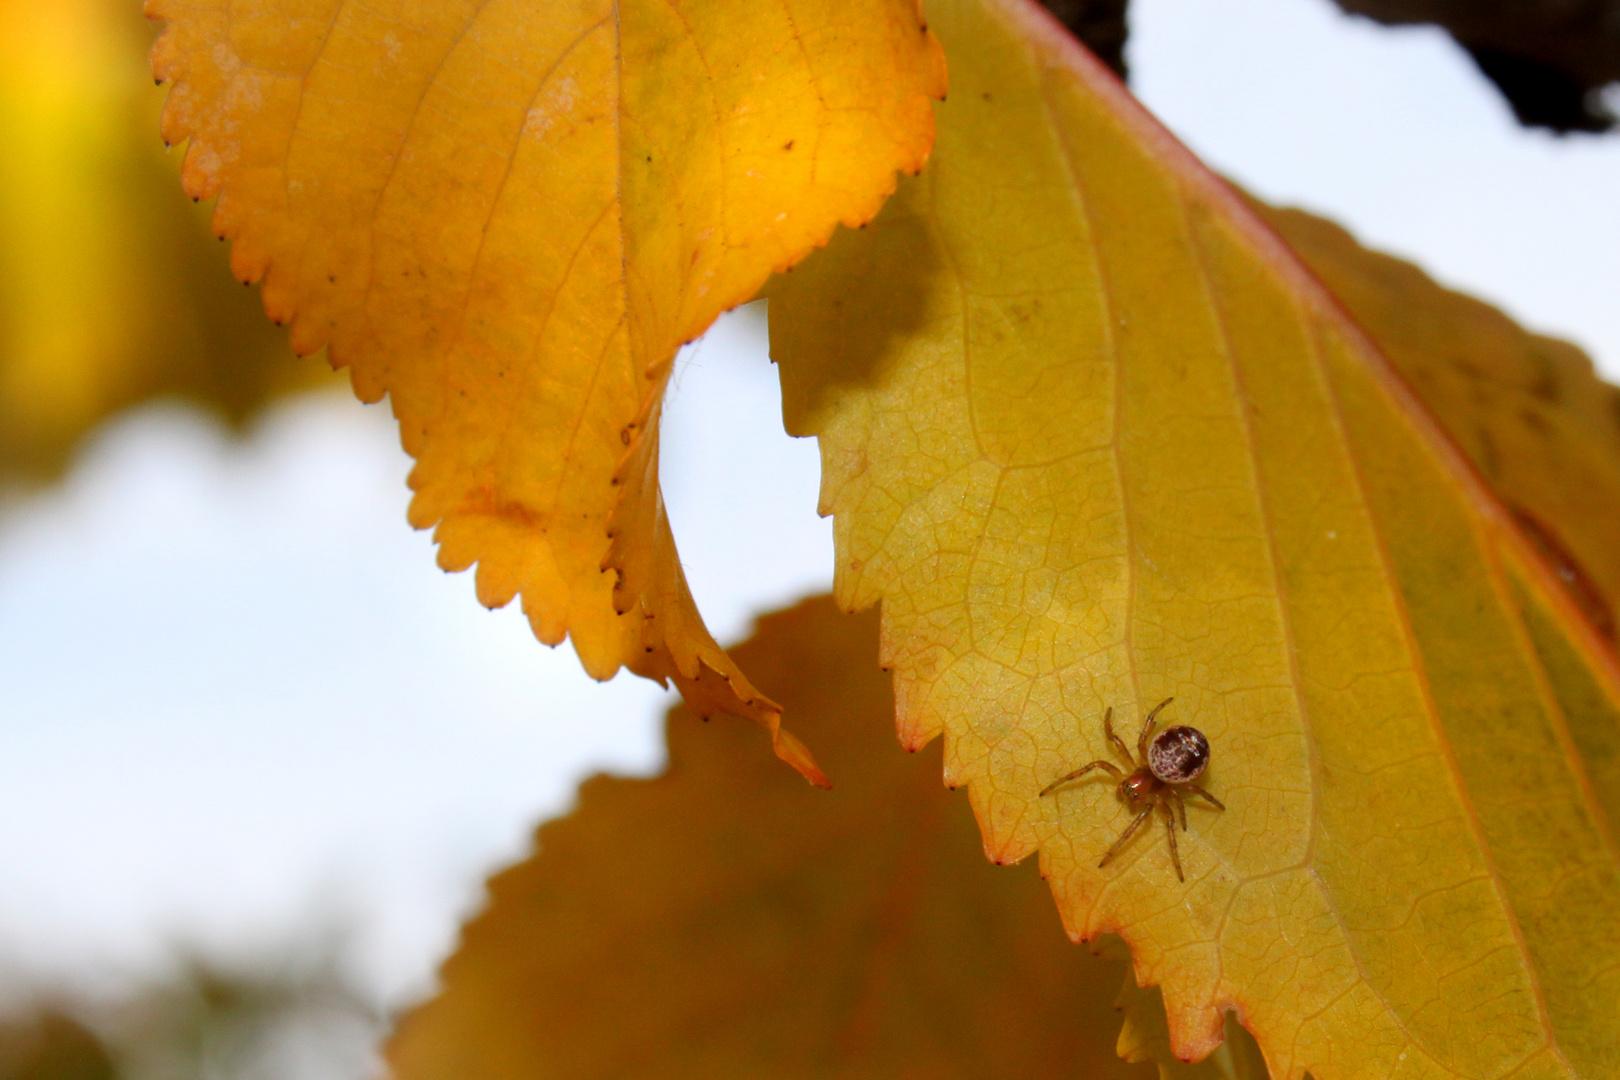 Herbstblattbewohner